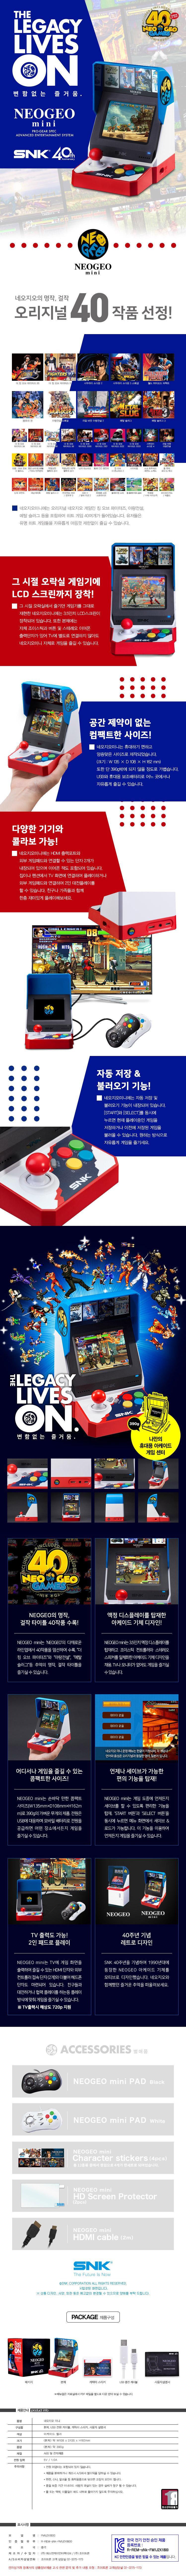 네오지오의 명작, 걸작 오리지널 40 작품 선정! 그 시절 오락실 게임기에 LCD 스크린까지 장착! 공간 제약이 없는 컴팩트한 사이즈! 다양한 기기와 콜라보 가능! 자동저장&불러오기 기능!